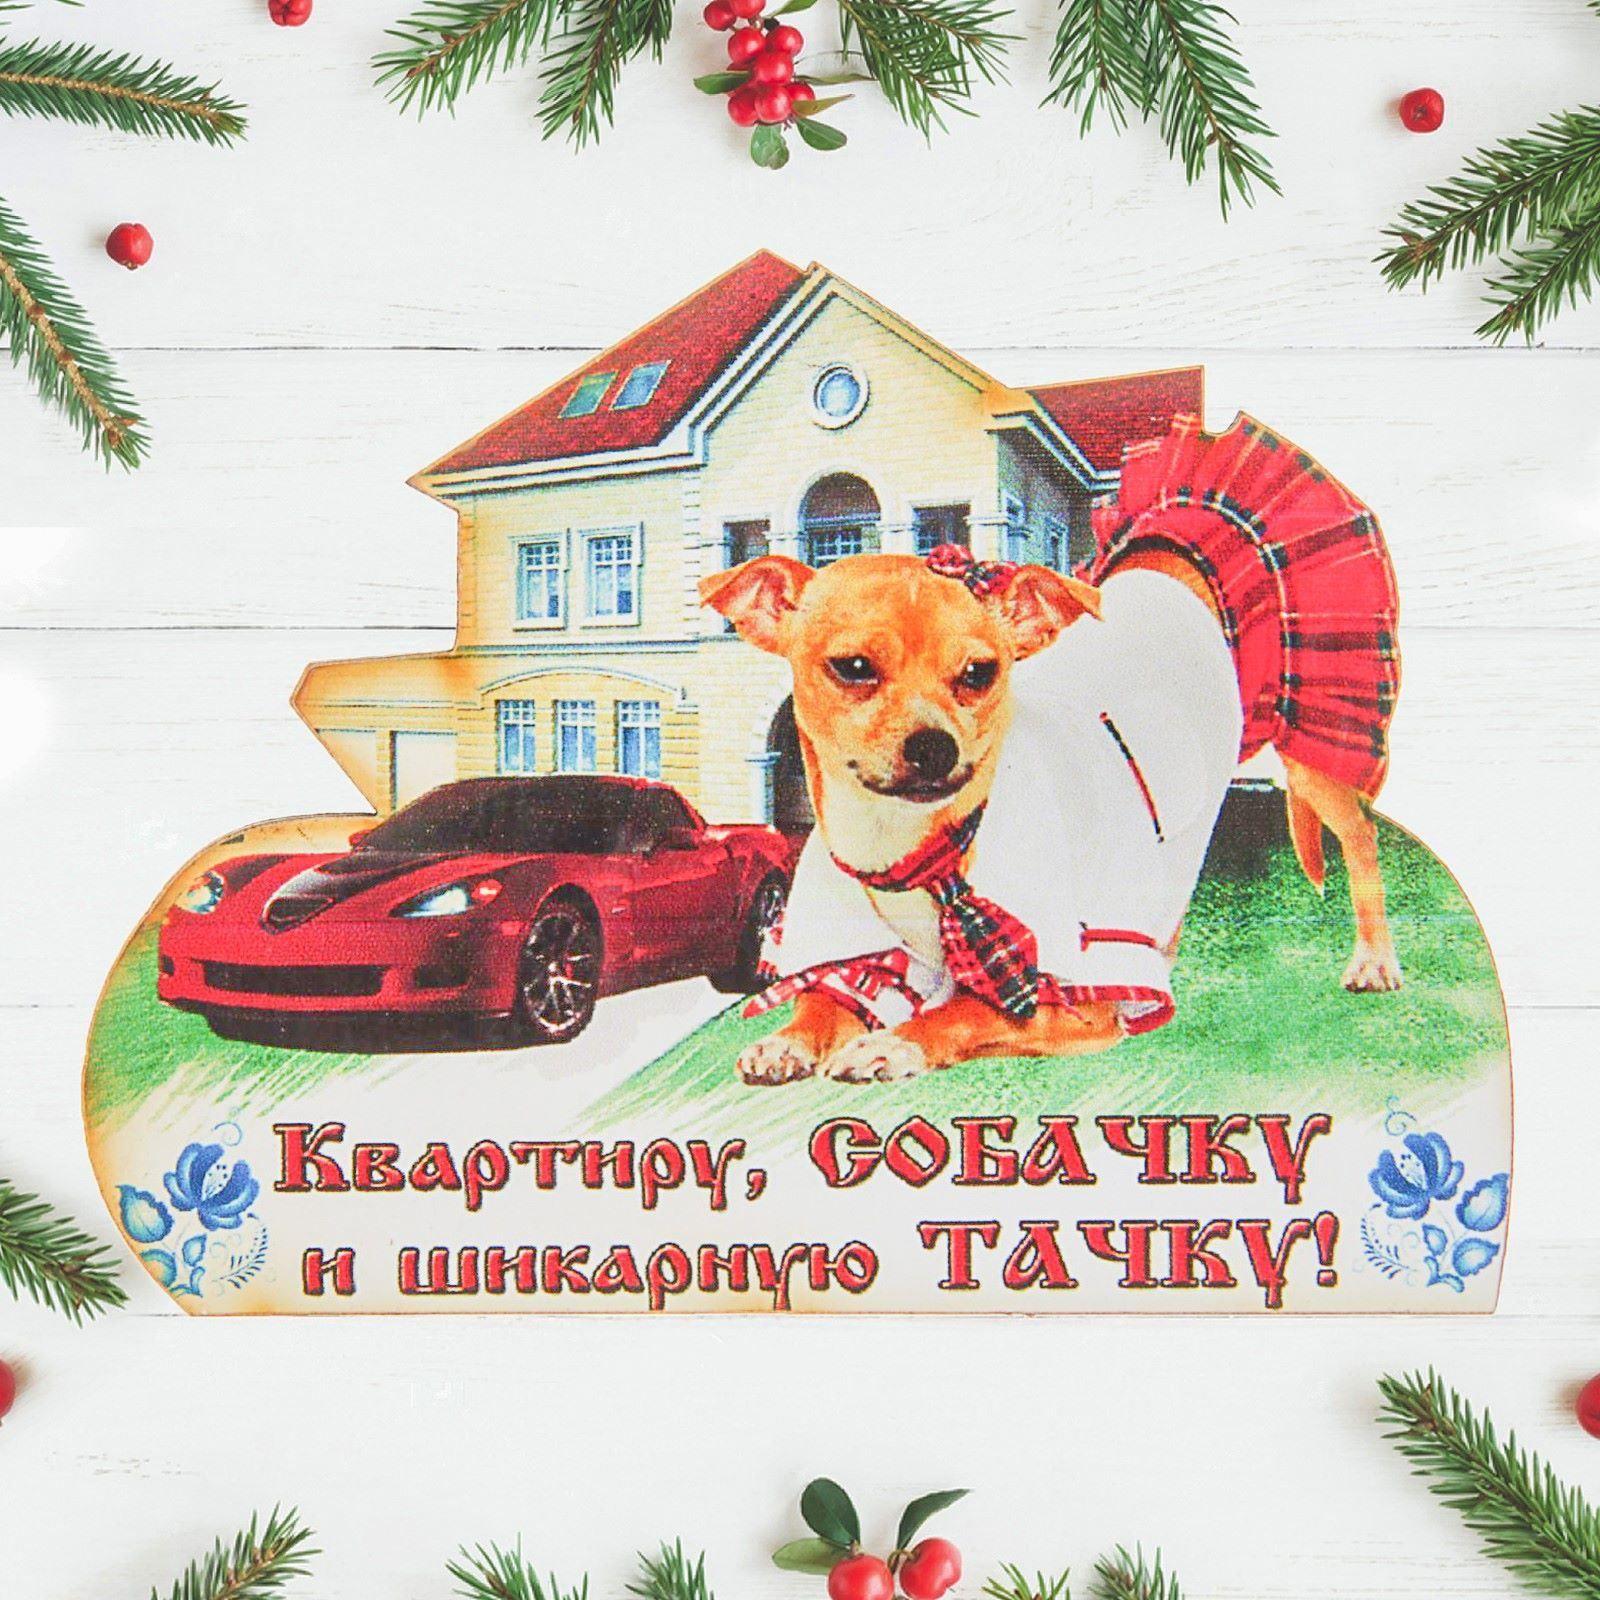 Магнит Sima-land Квартиру, собачку и шикарную тачку, 8,5 х 7 см2460282Порадуйте родных и близких оригинальным сувениром: преподнесите в подарок магнит. С ним даже самый серьёзный человек почувствует себя ребёнком, ожидающим чудо! Создайте праздничное настроение, и оно останется с вами на весь год.